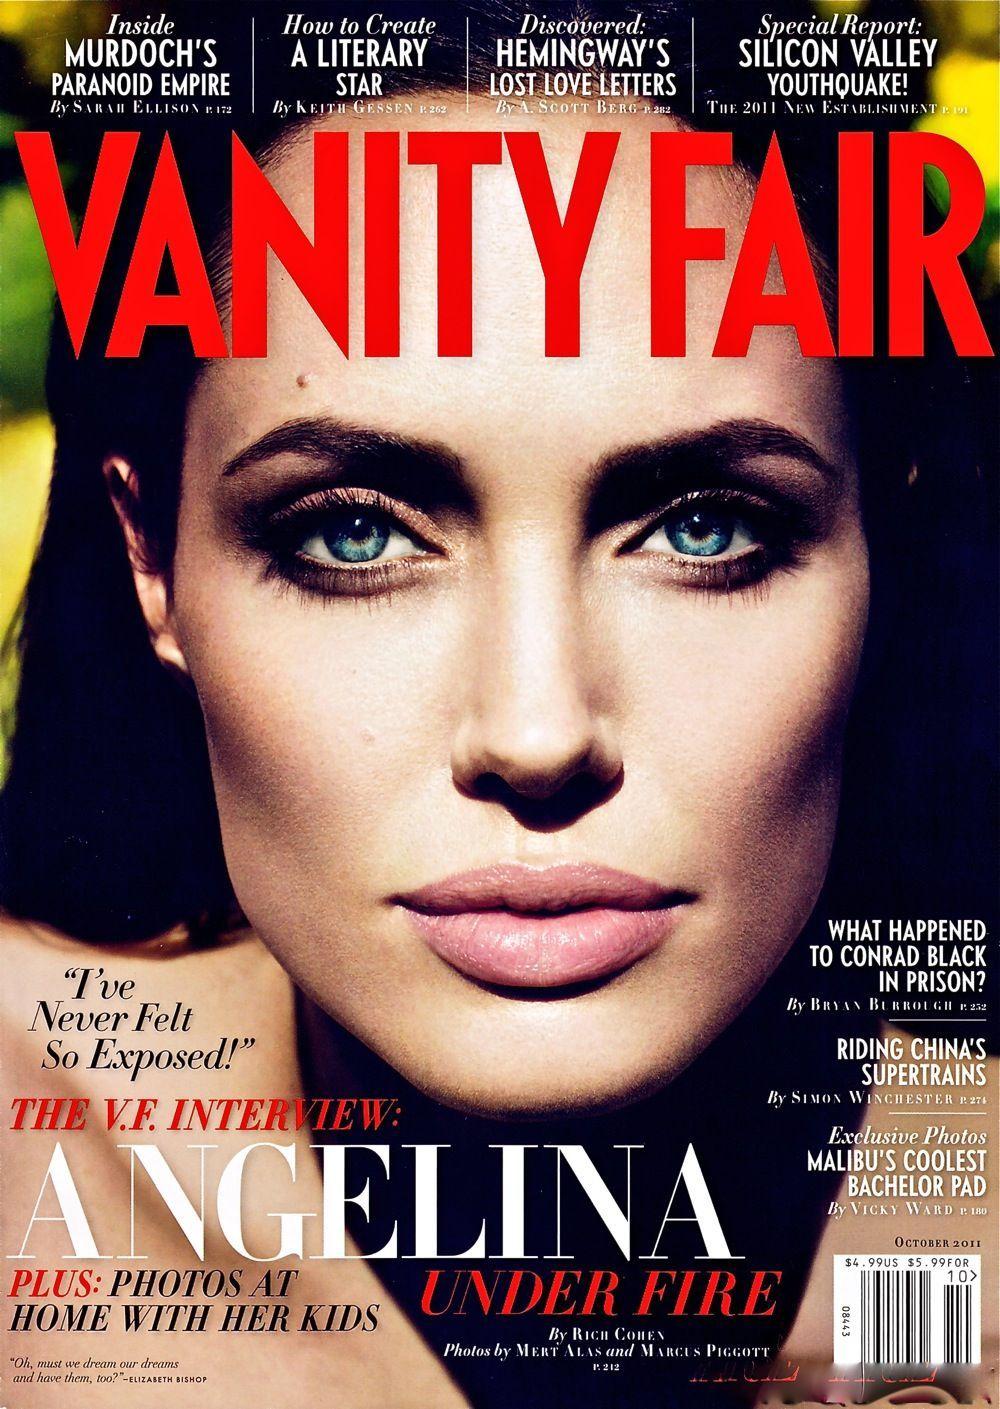 Jolie angelina covers octobers vanity fair